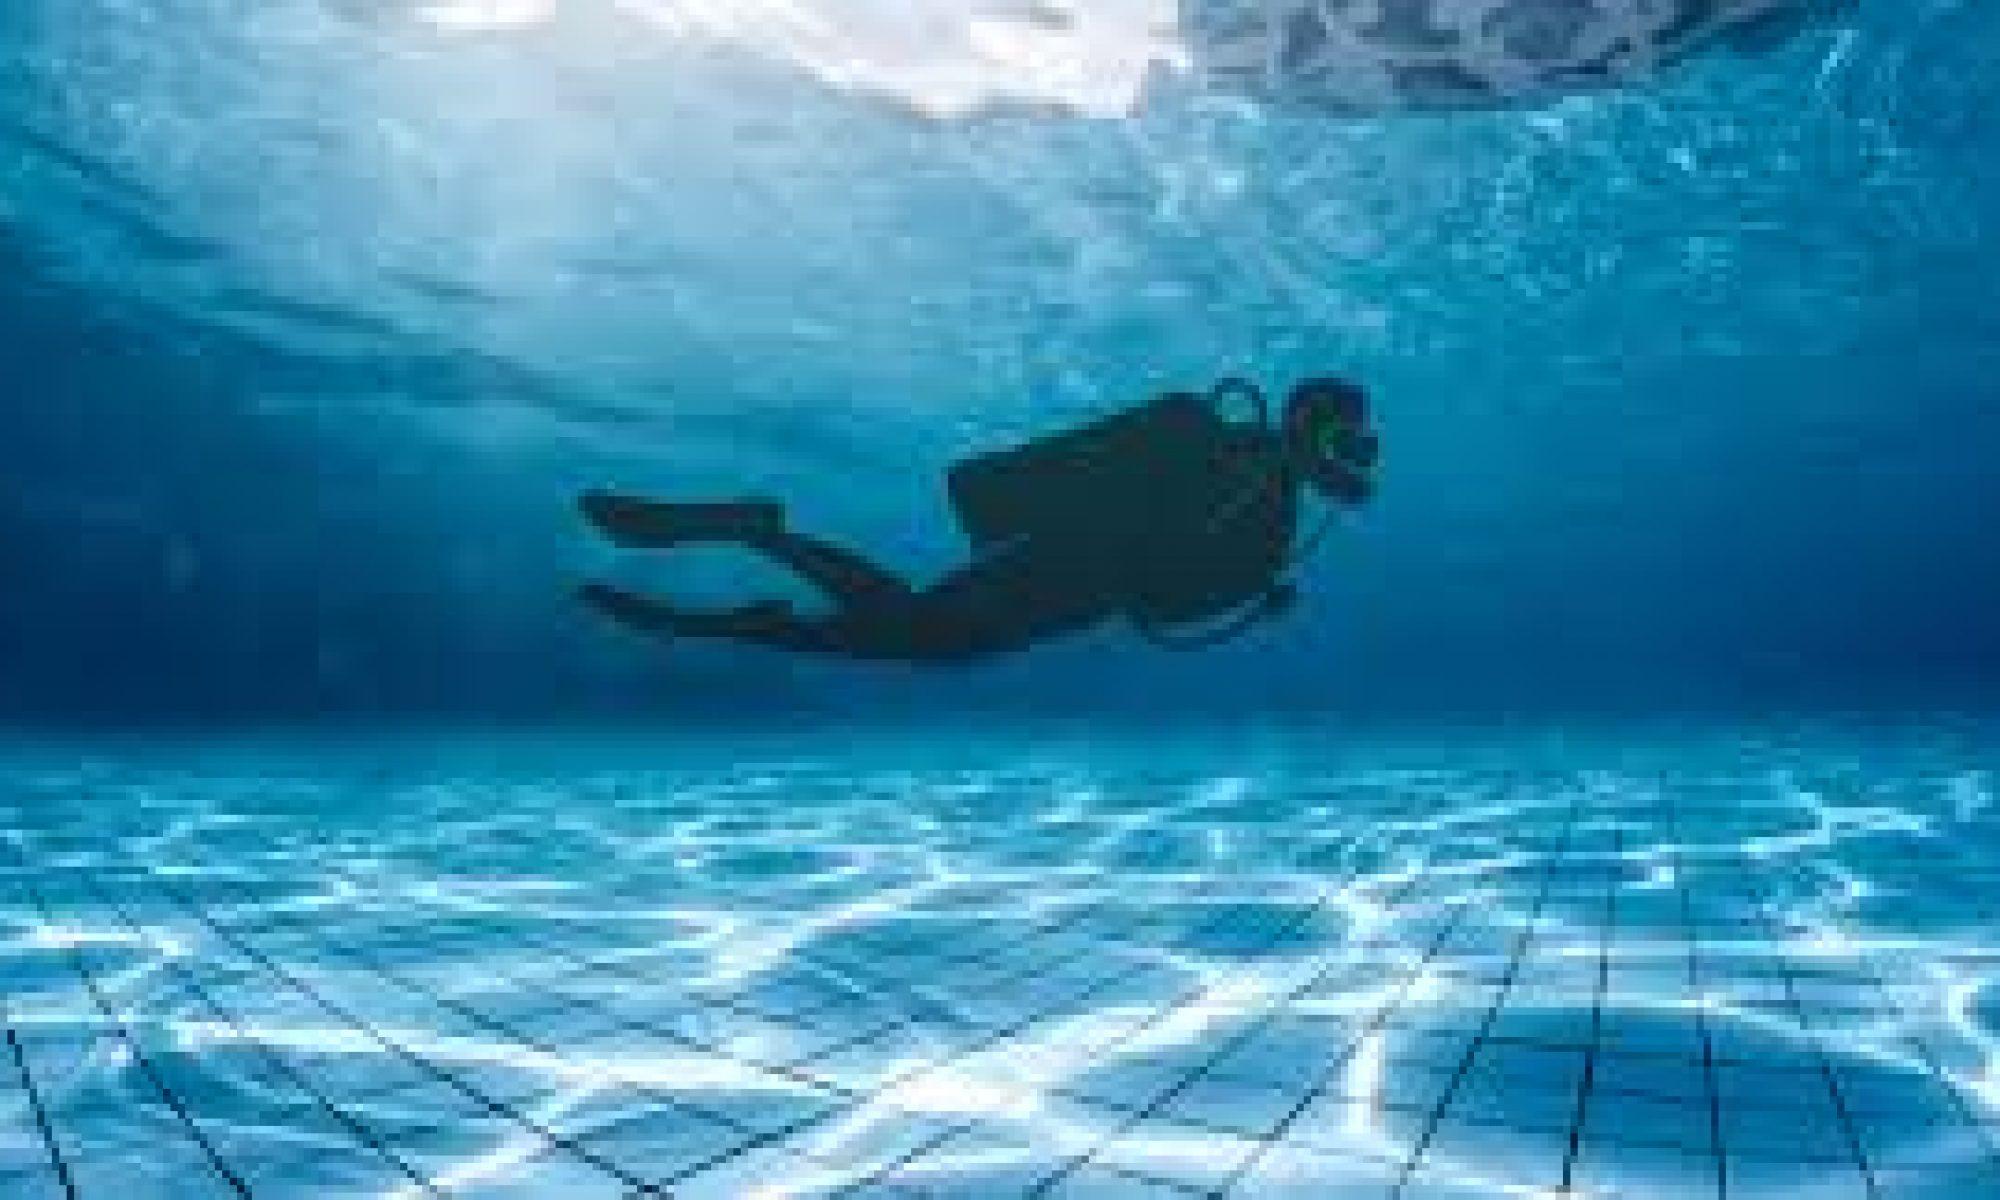 Underwater pic 25.05.2008 - Kultalähde | Under water